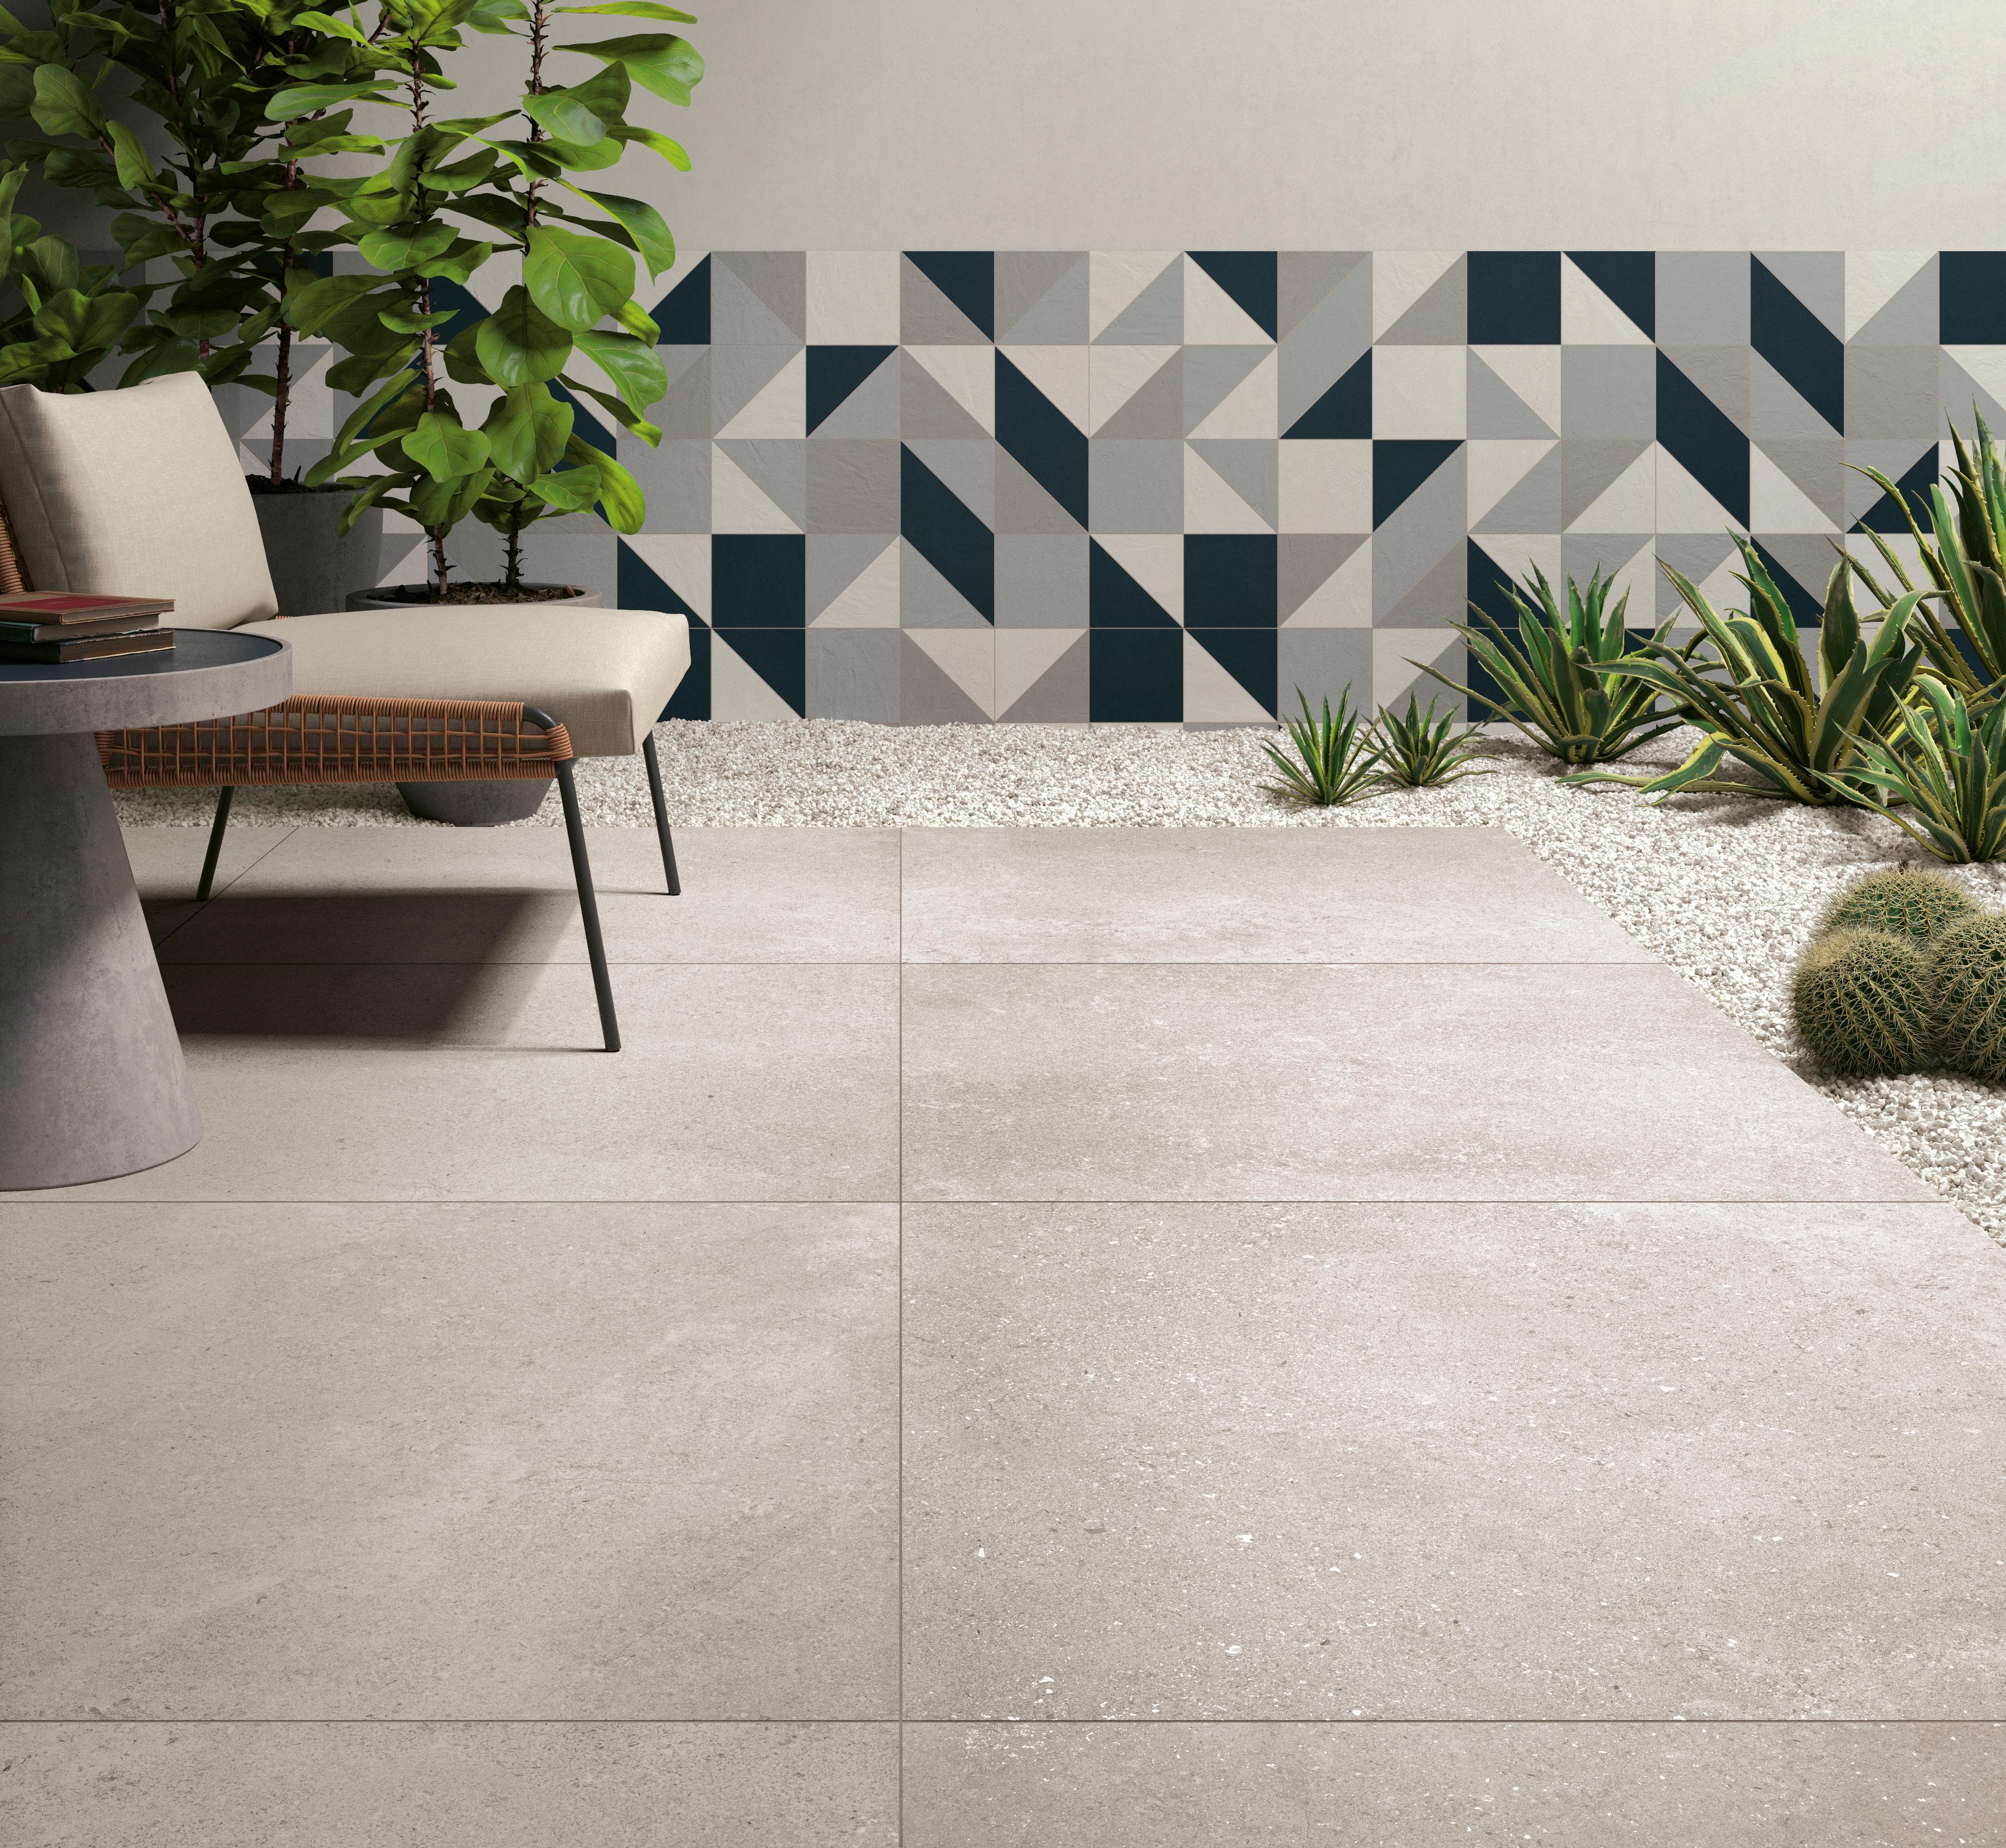 weiß Steinoptik Fliesen auf der Terrasse, white stone effect tiles in the patio